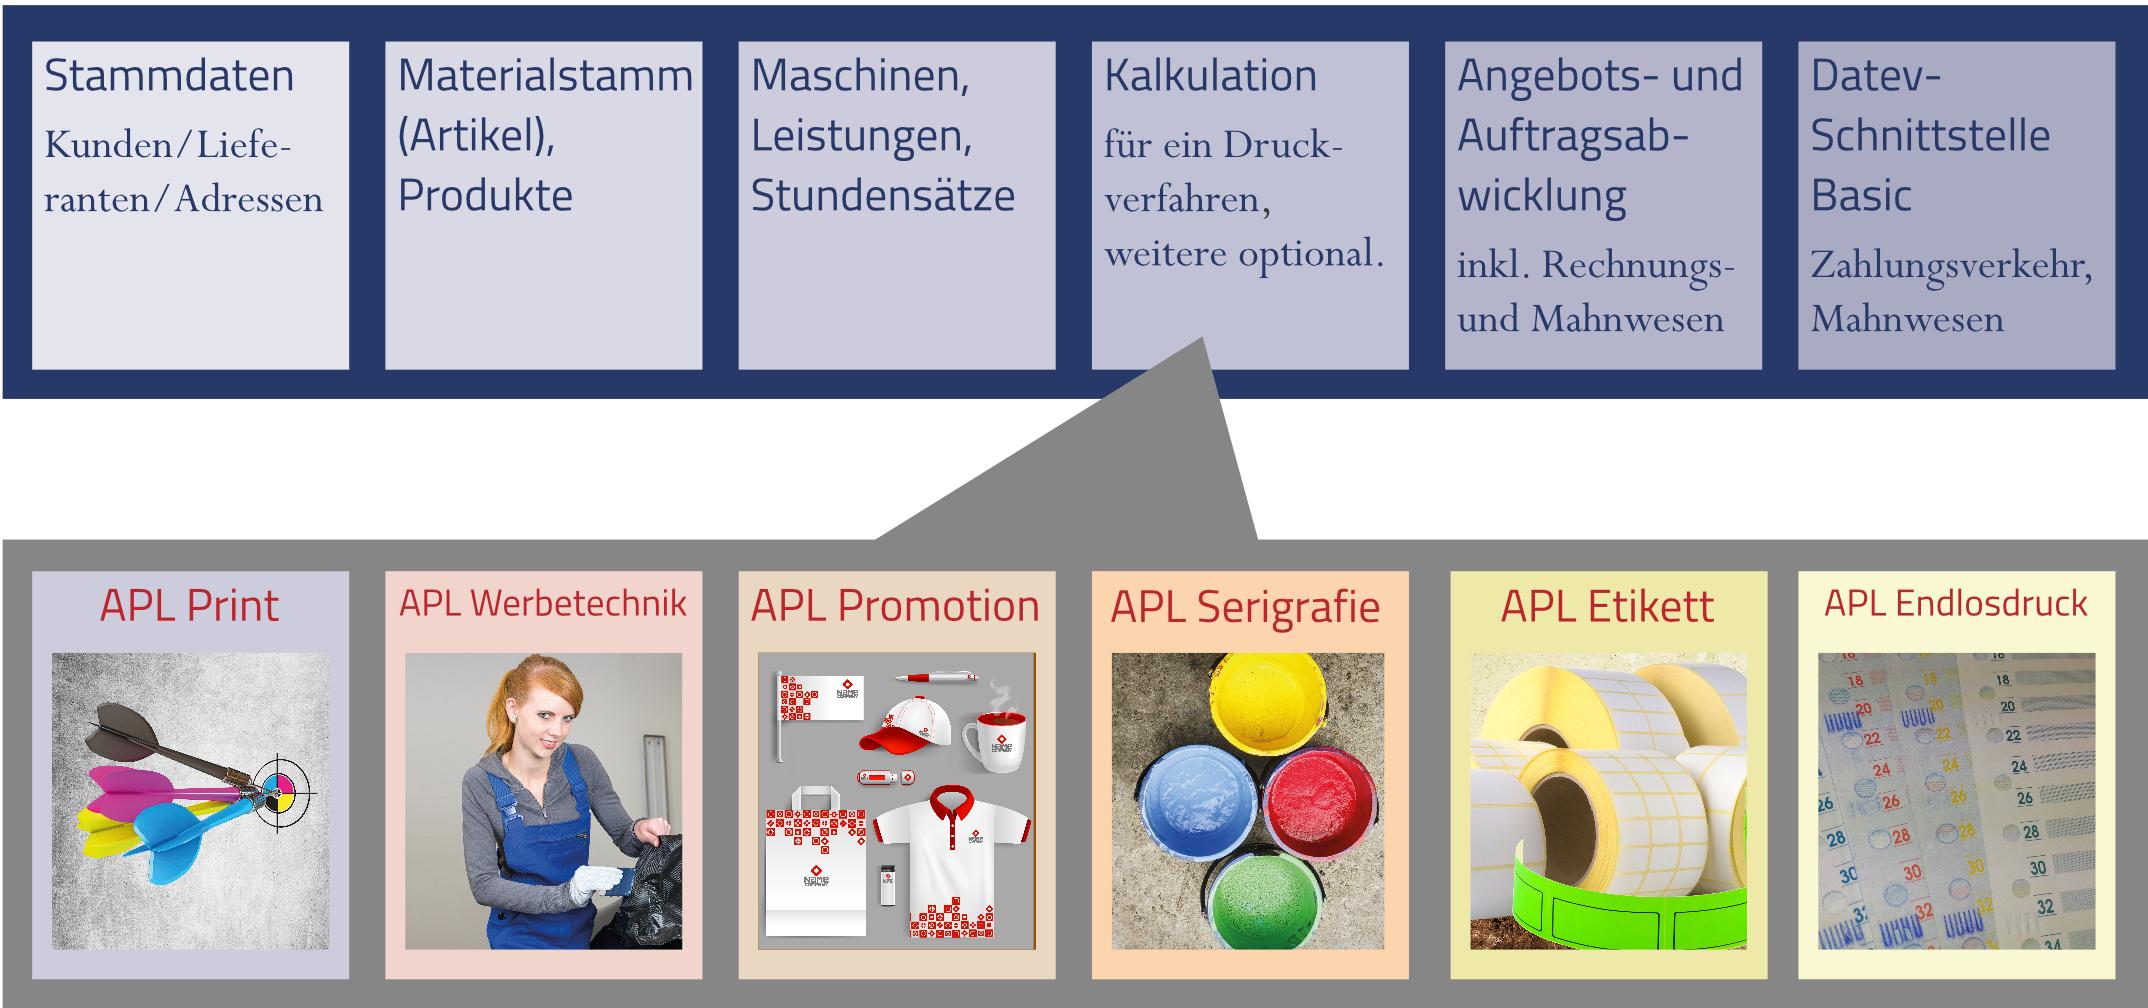 APL-System Basic-Paket